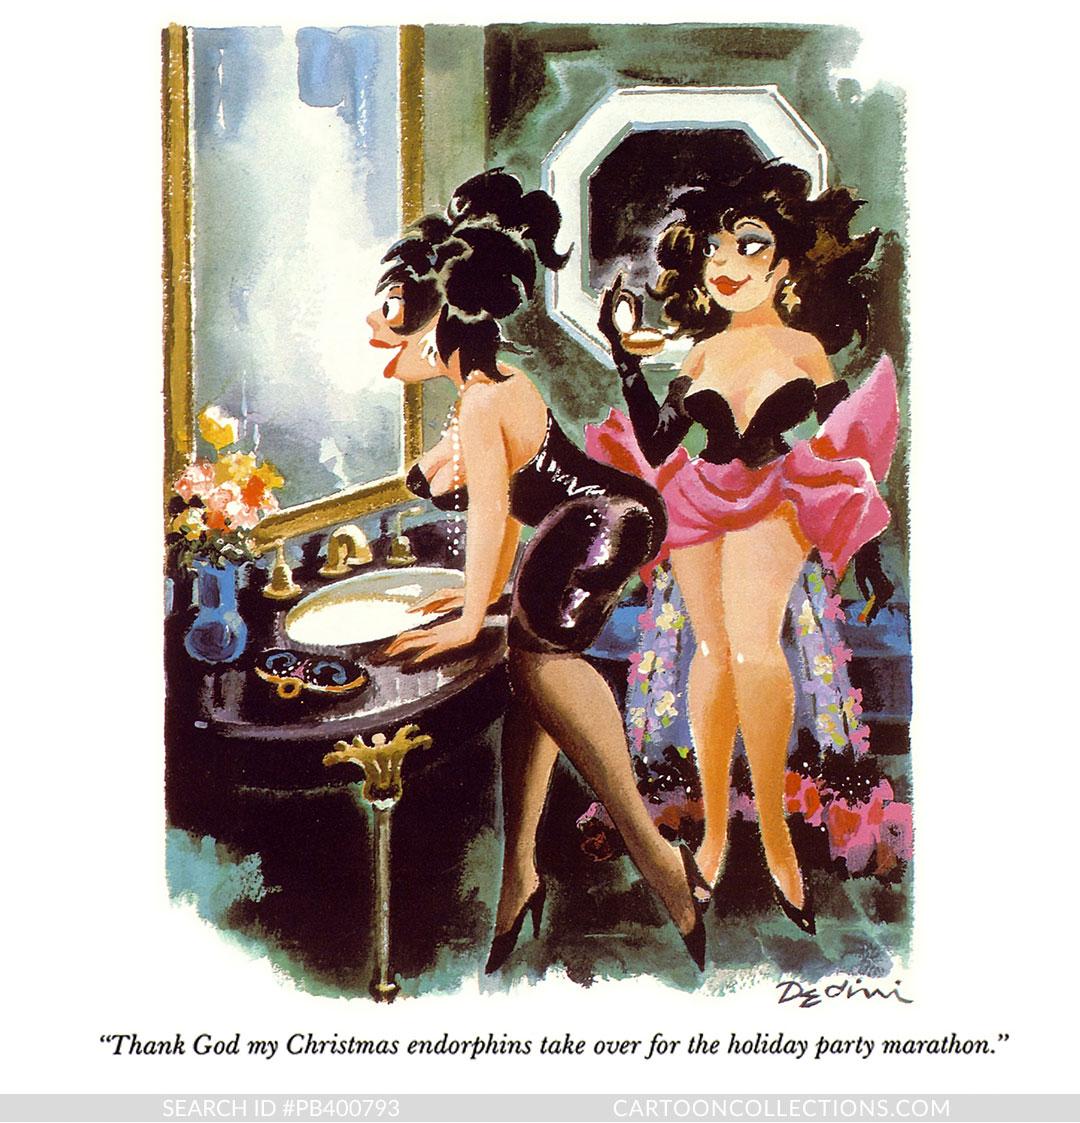 CartoonCollections.com - Christmas cartoons - Eldon Dedini